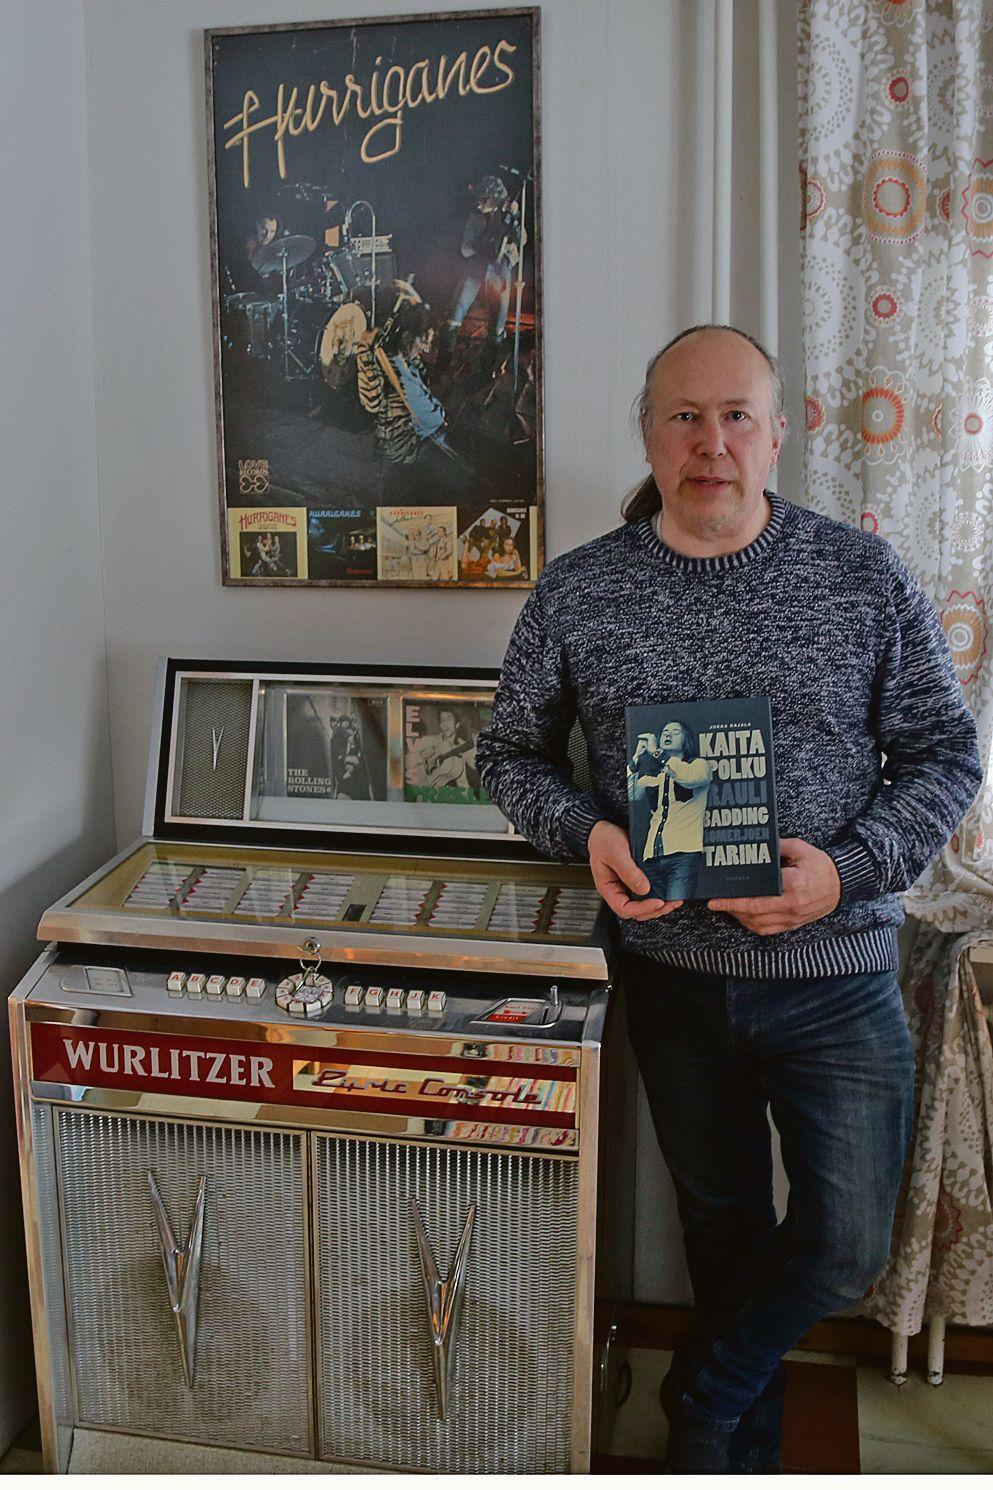 Jukka Rajala kädessään Rauli Badding Somerjoen elämänkerta Kaita polku, ja vieressään oma jukeboxi, jonka mallinen löytyy sattumoisin myös Baddingin Muotokuva 1 -LP:n kannesta.